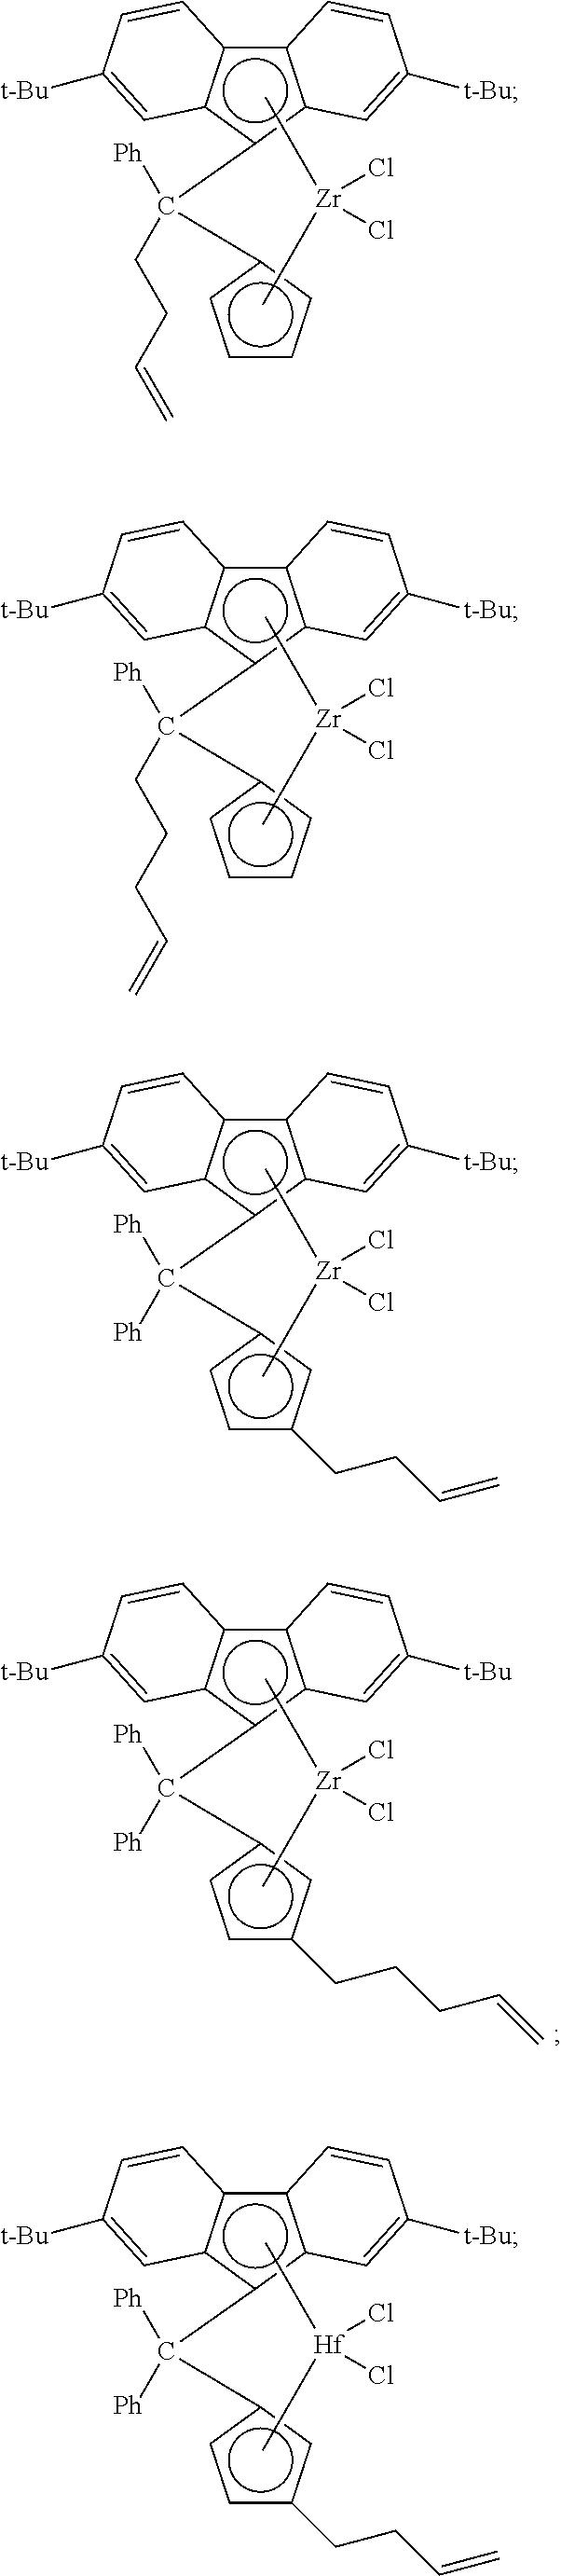 Figure US09273159-20160301-C00014